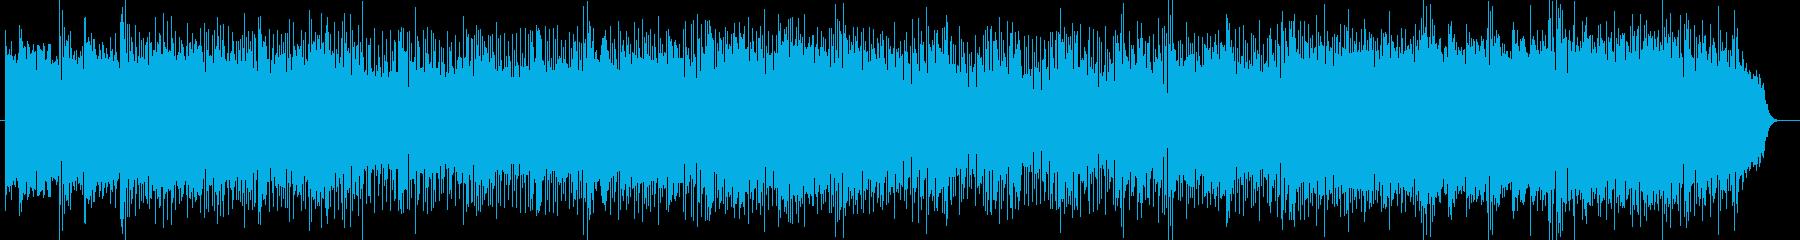 シンセサイザーの軽快で爽やかなポップスの再生済みの波形